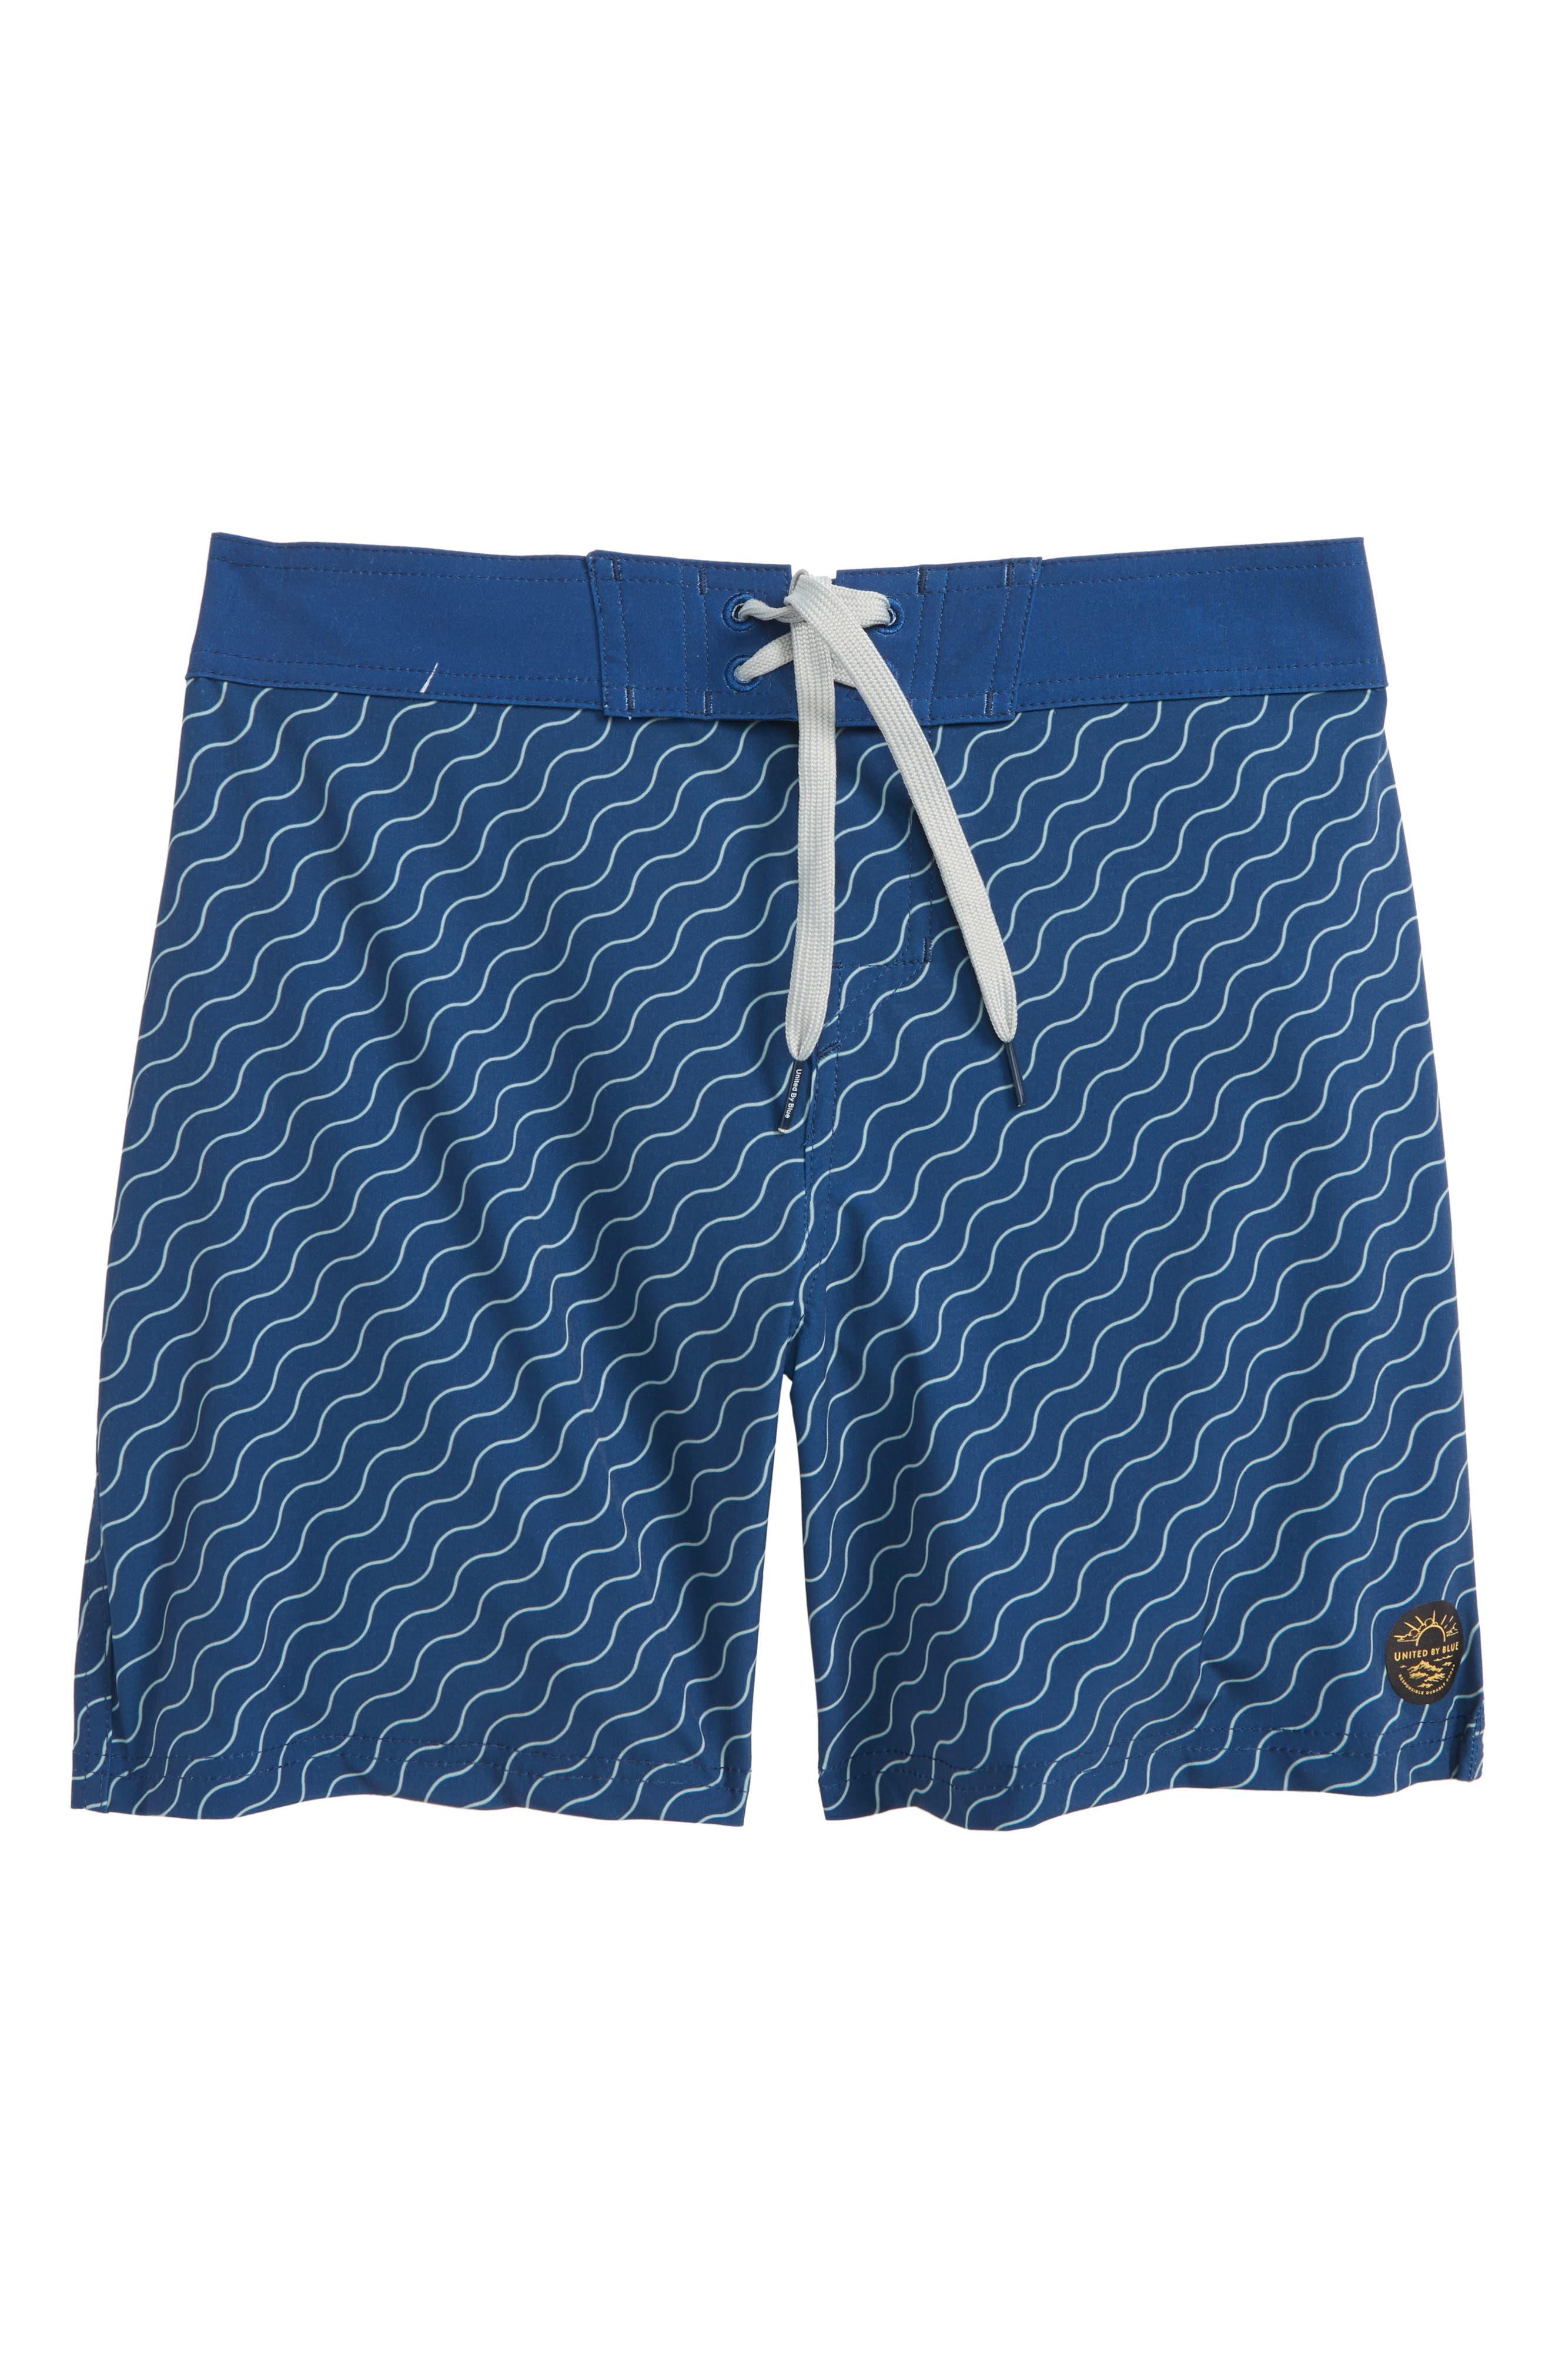 Stillwater Board Shorts,                         Main,                         color, 410